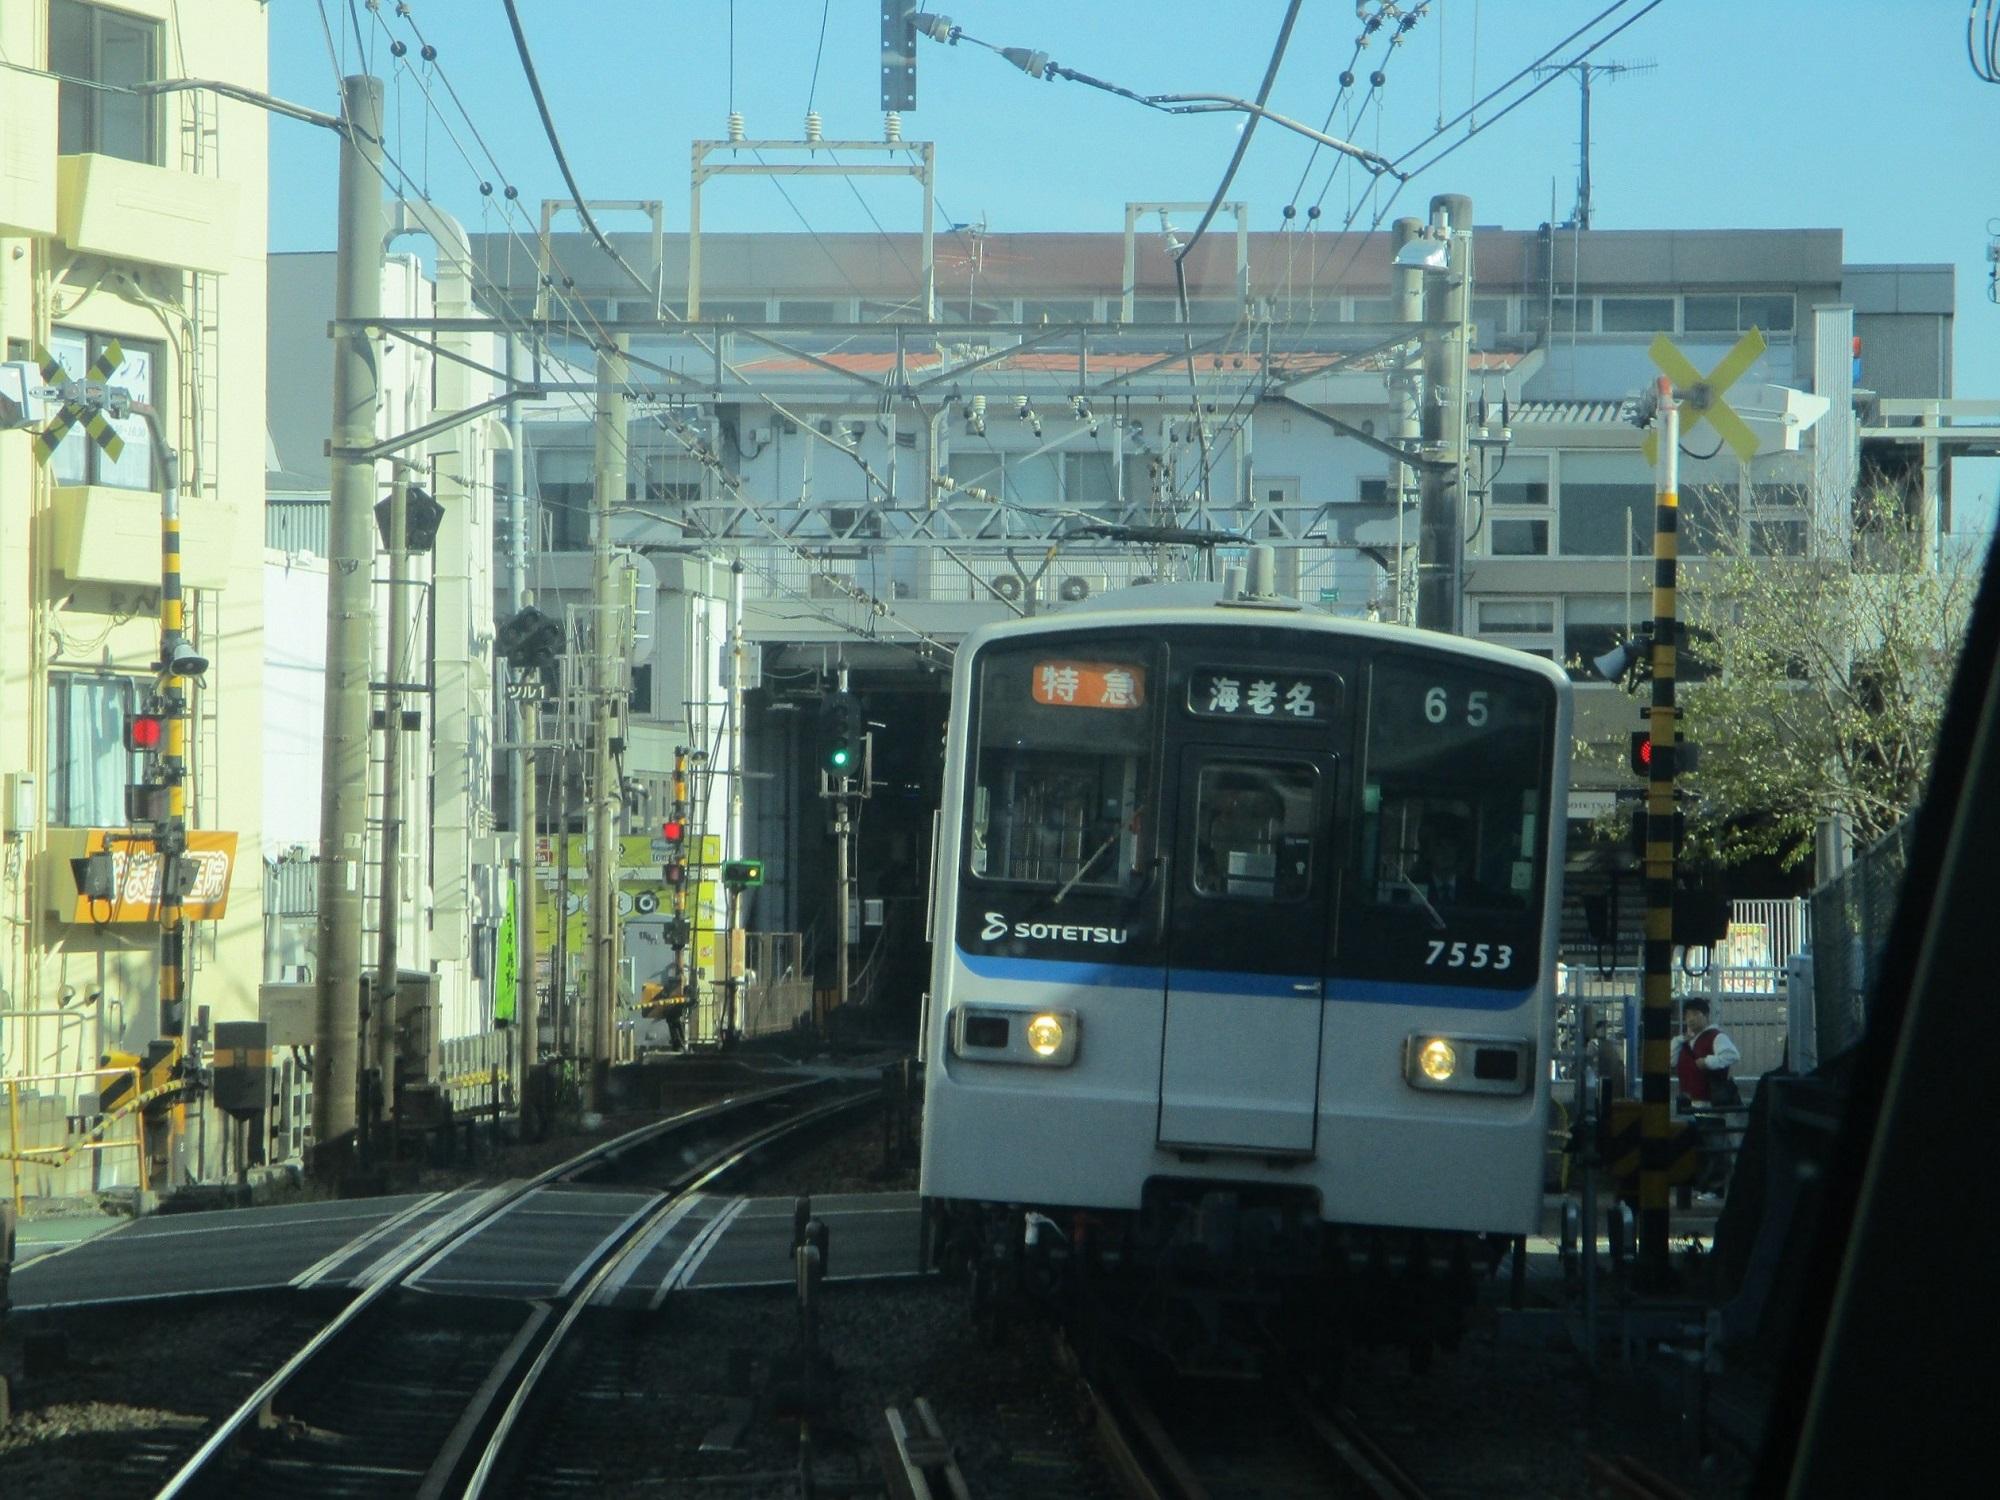 2019.12.16 (97) 新宿いき各停 - 鶴ヶ峰 2000-1500